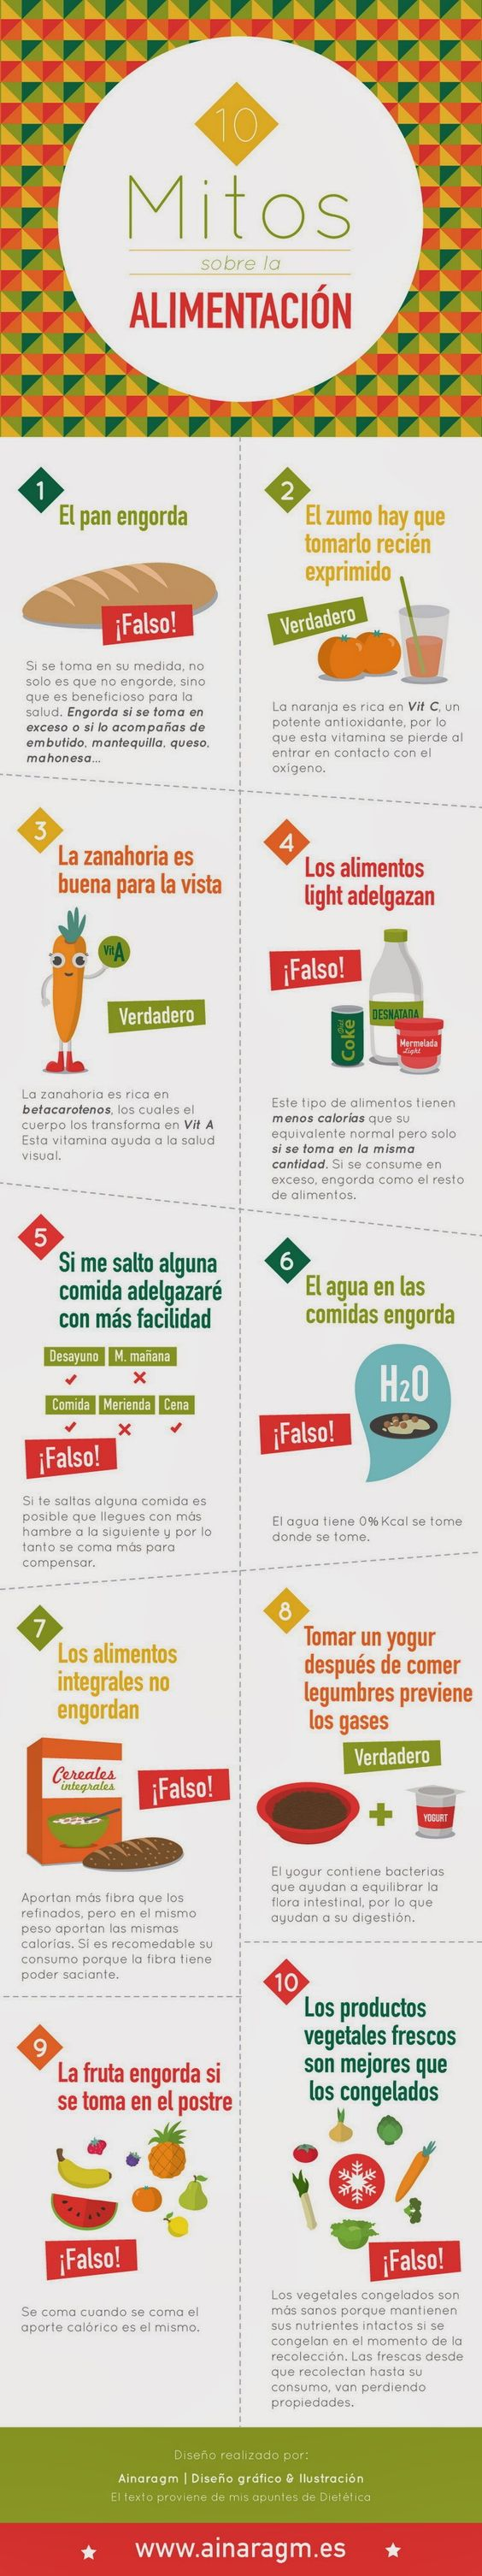 Mi pequeños aportes: 10 mitos sobre la alimentación. ¿El pan engorda? ¿Los alimentos light adelgazan? Aquí les dejo una infografía con 10 mitos sobre la alimentación.: